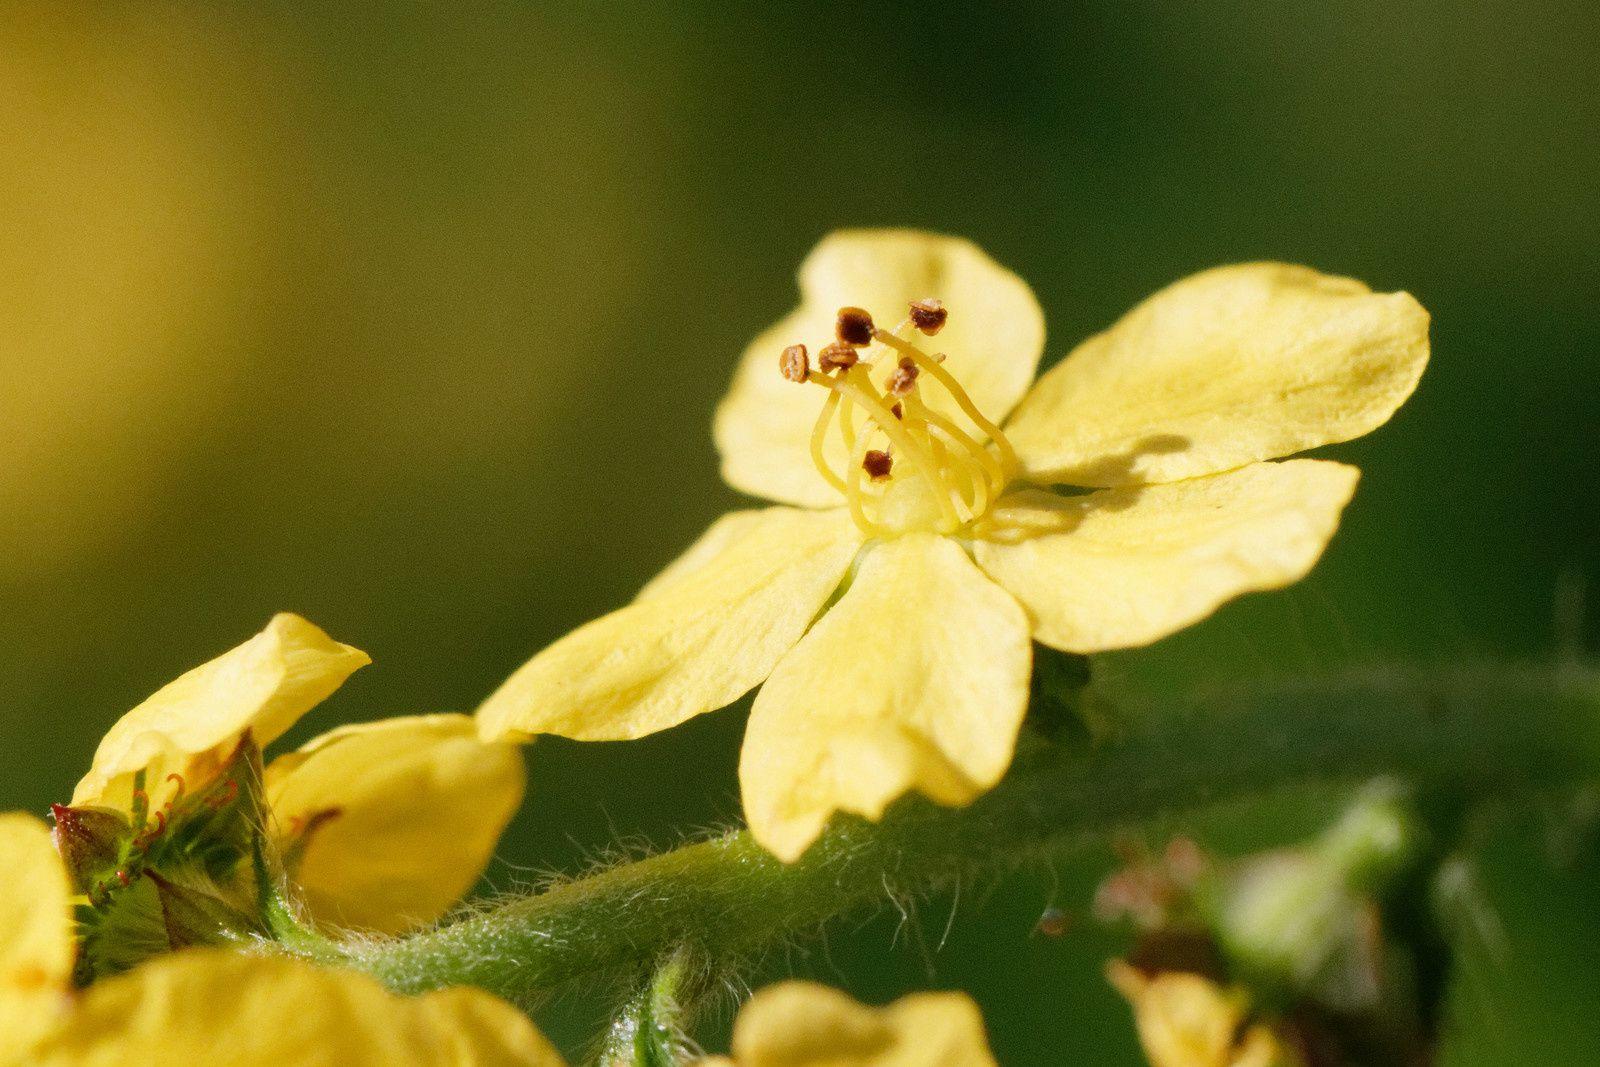 413 - Visite botanique guidée au Sausset, le temps de bien poser les yeux sur la Flore  : 15/09/2018